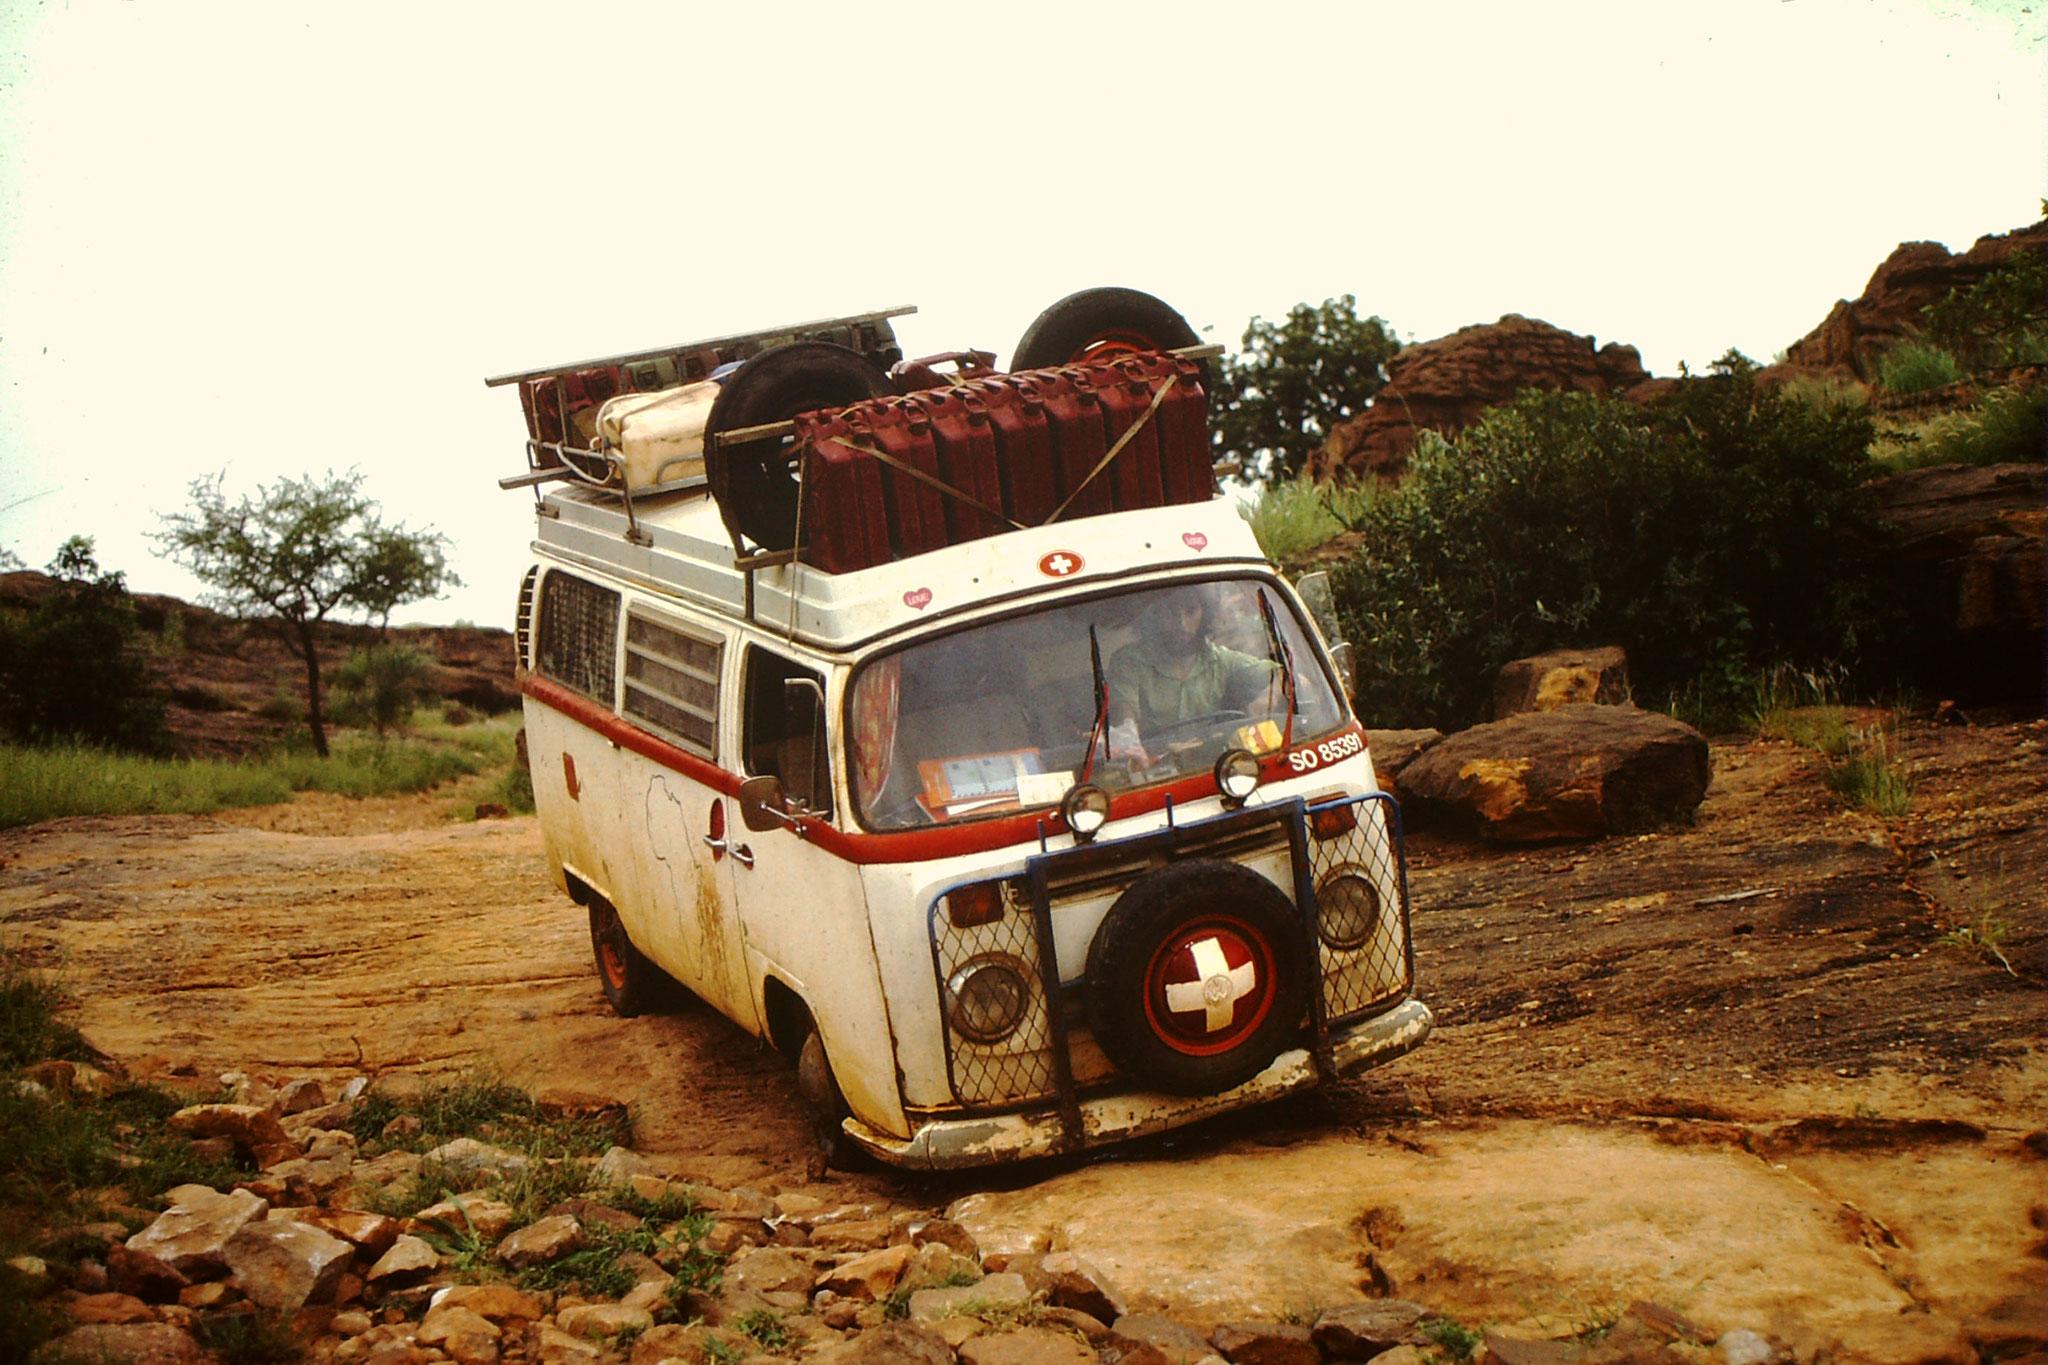 24. Wir fragten den Missionar ob es denn keinen Weg direkt nach Obervolta gäbe. Wir wollten aber nicht über San nach Bobo Dioulasso fahren. Er sagte uns, dass es ein Weg gäbe, via Falise de Bandiagara. Diesen Weg könne man aber nur mit einem Landrover ode